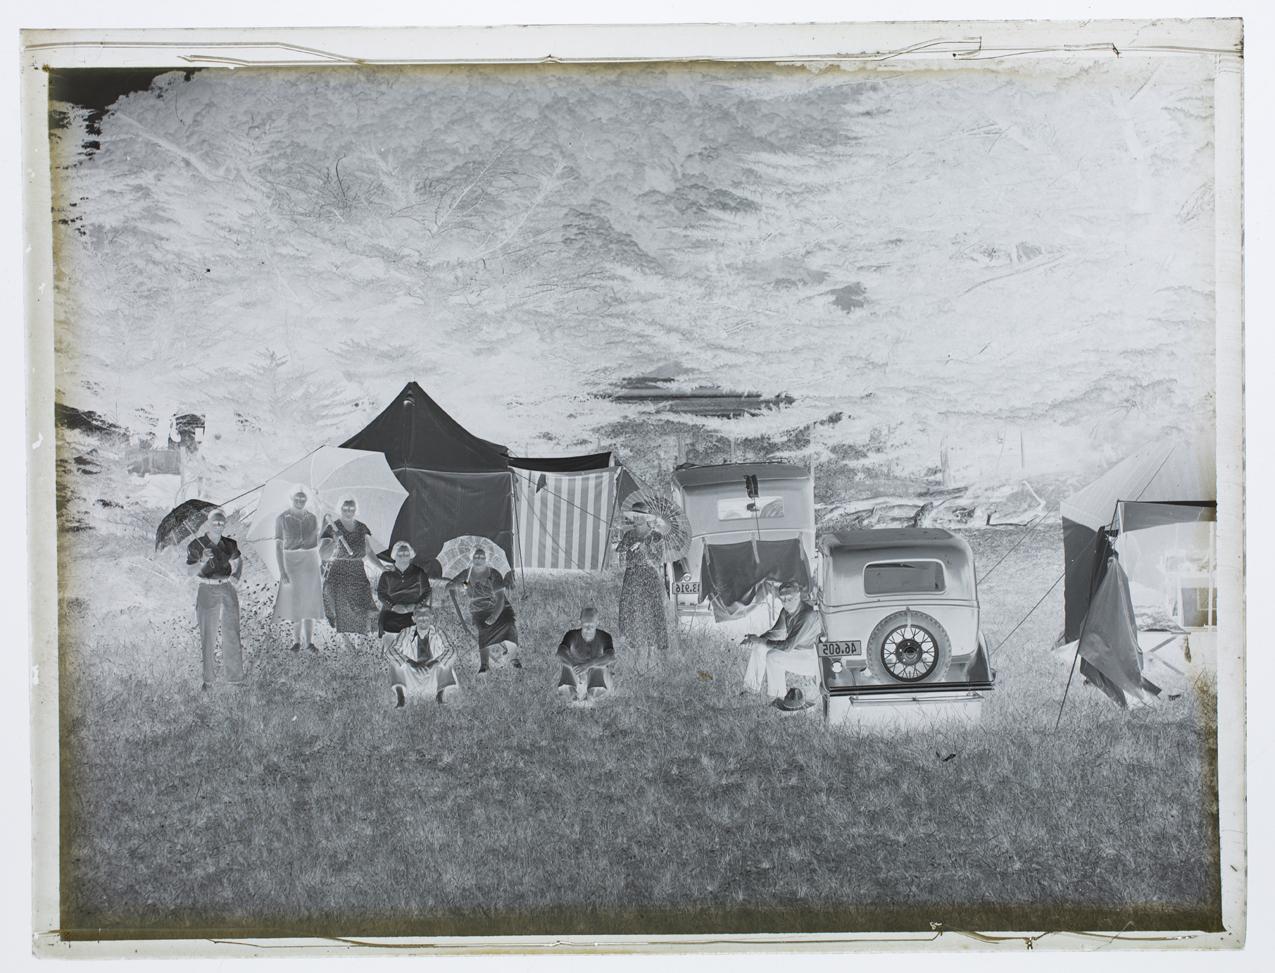 imagem com foto de mulher com crianças em baixo de guarda sol grande reforçado